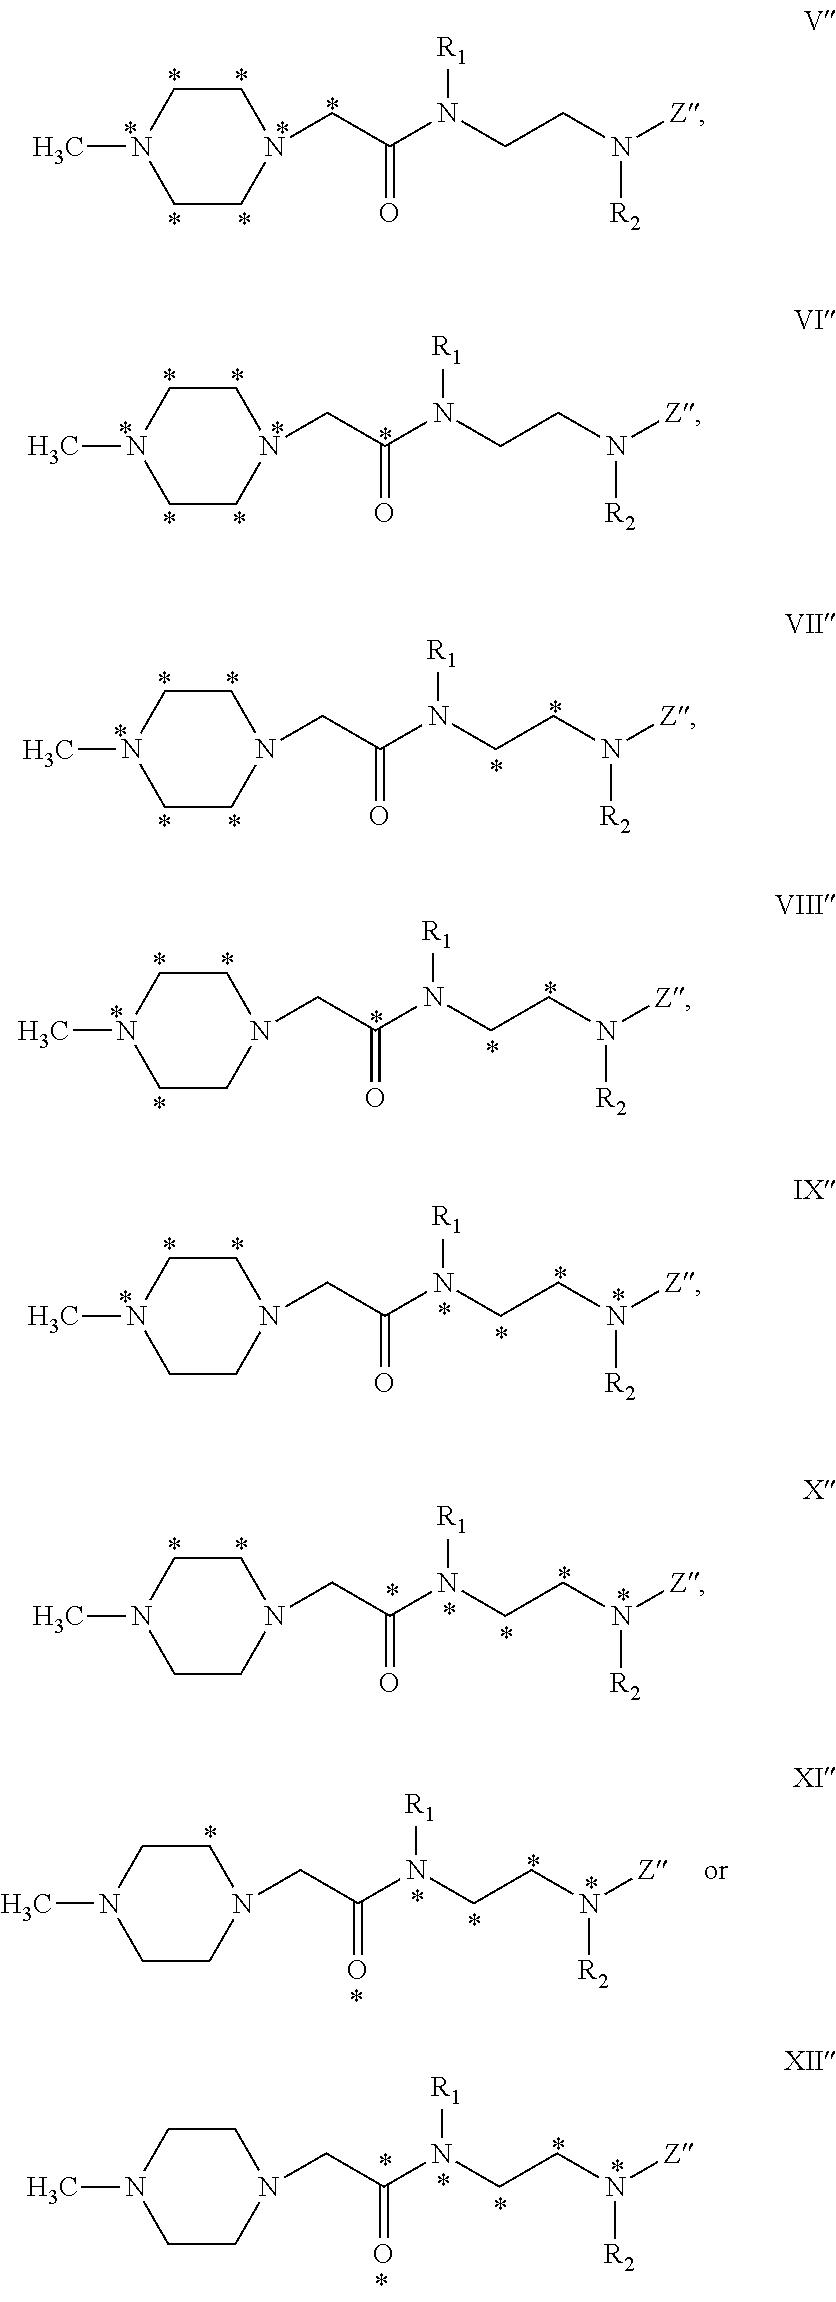 Figure US08492163-20130723-C00038